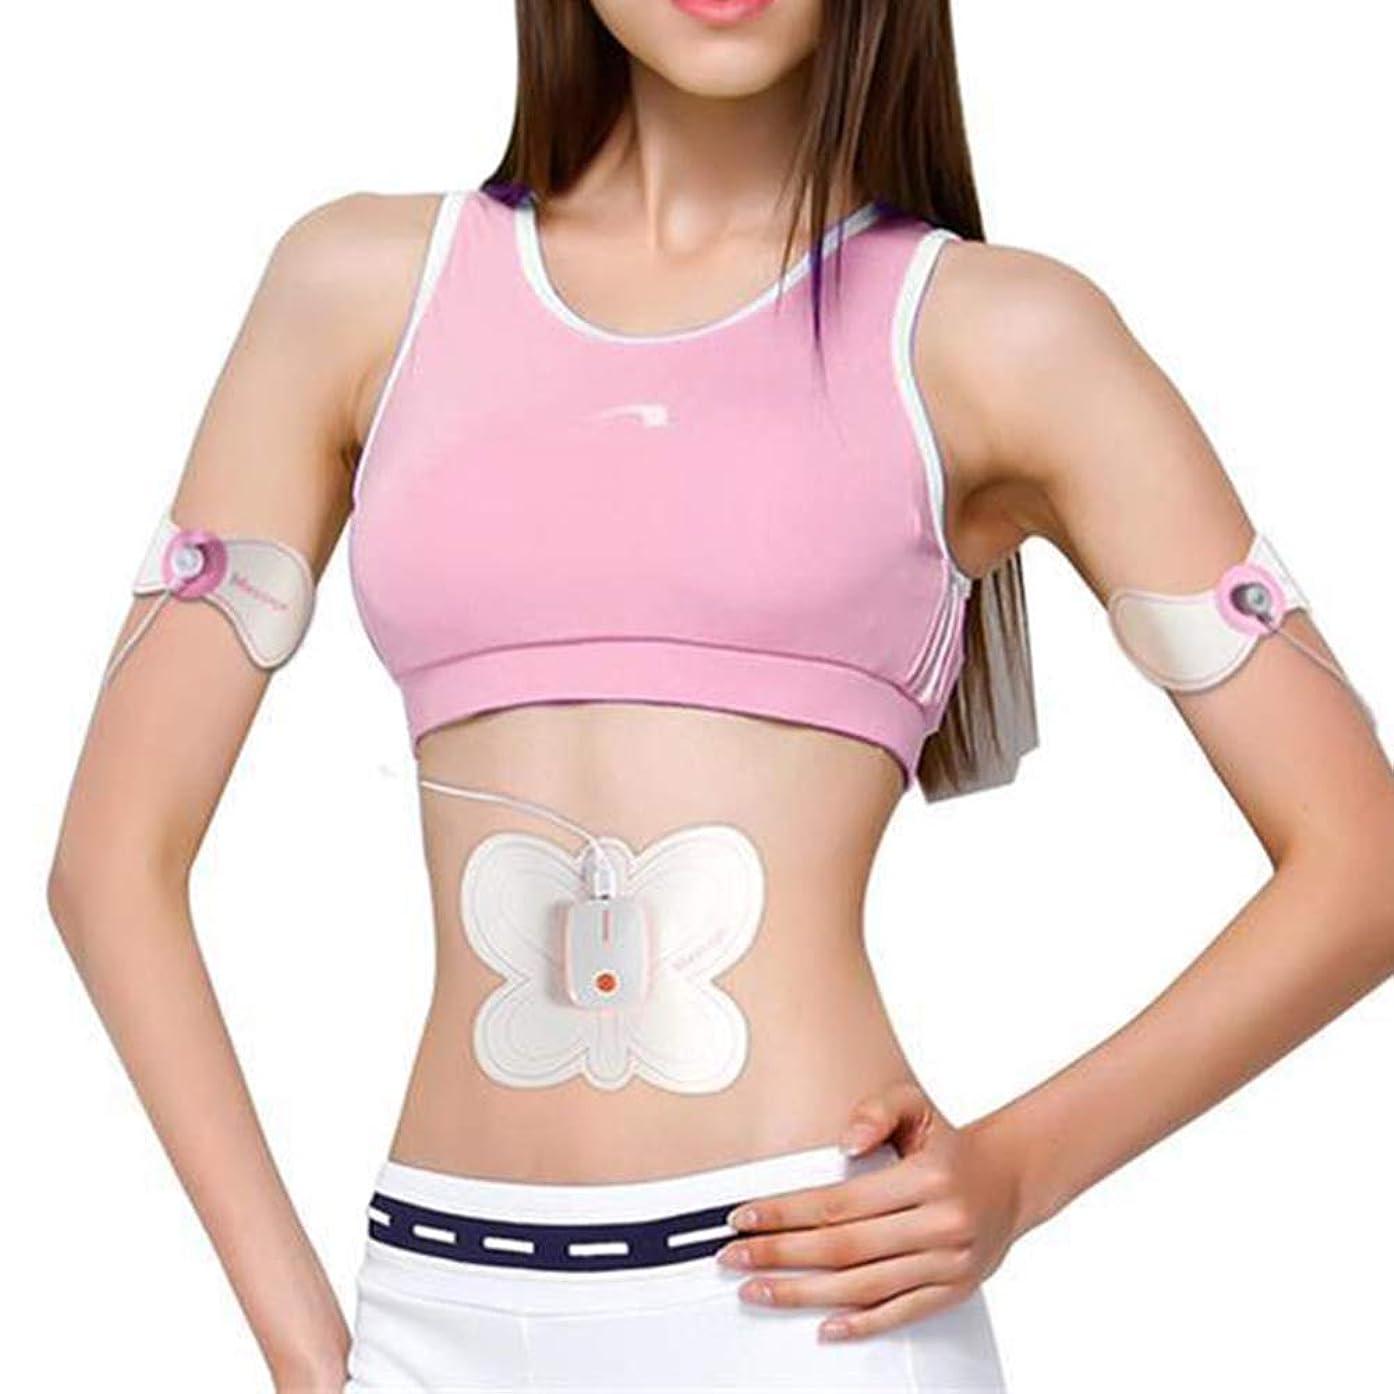 フィットネスまつげ定説究極の腹部刺激装置、 USB充電インテリジェントABS腹部トレーナー、 腕と脚の筋肉トレーニング刺激装置、 オフィスホームジムフィットネス機器